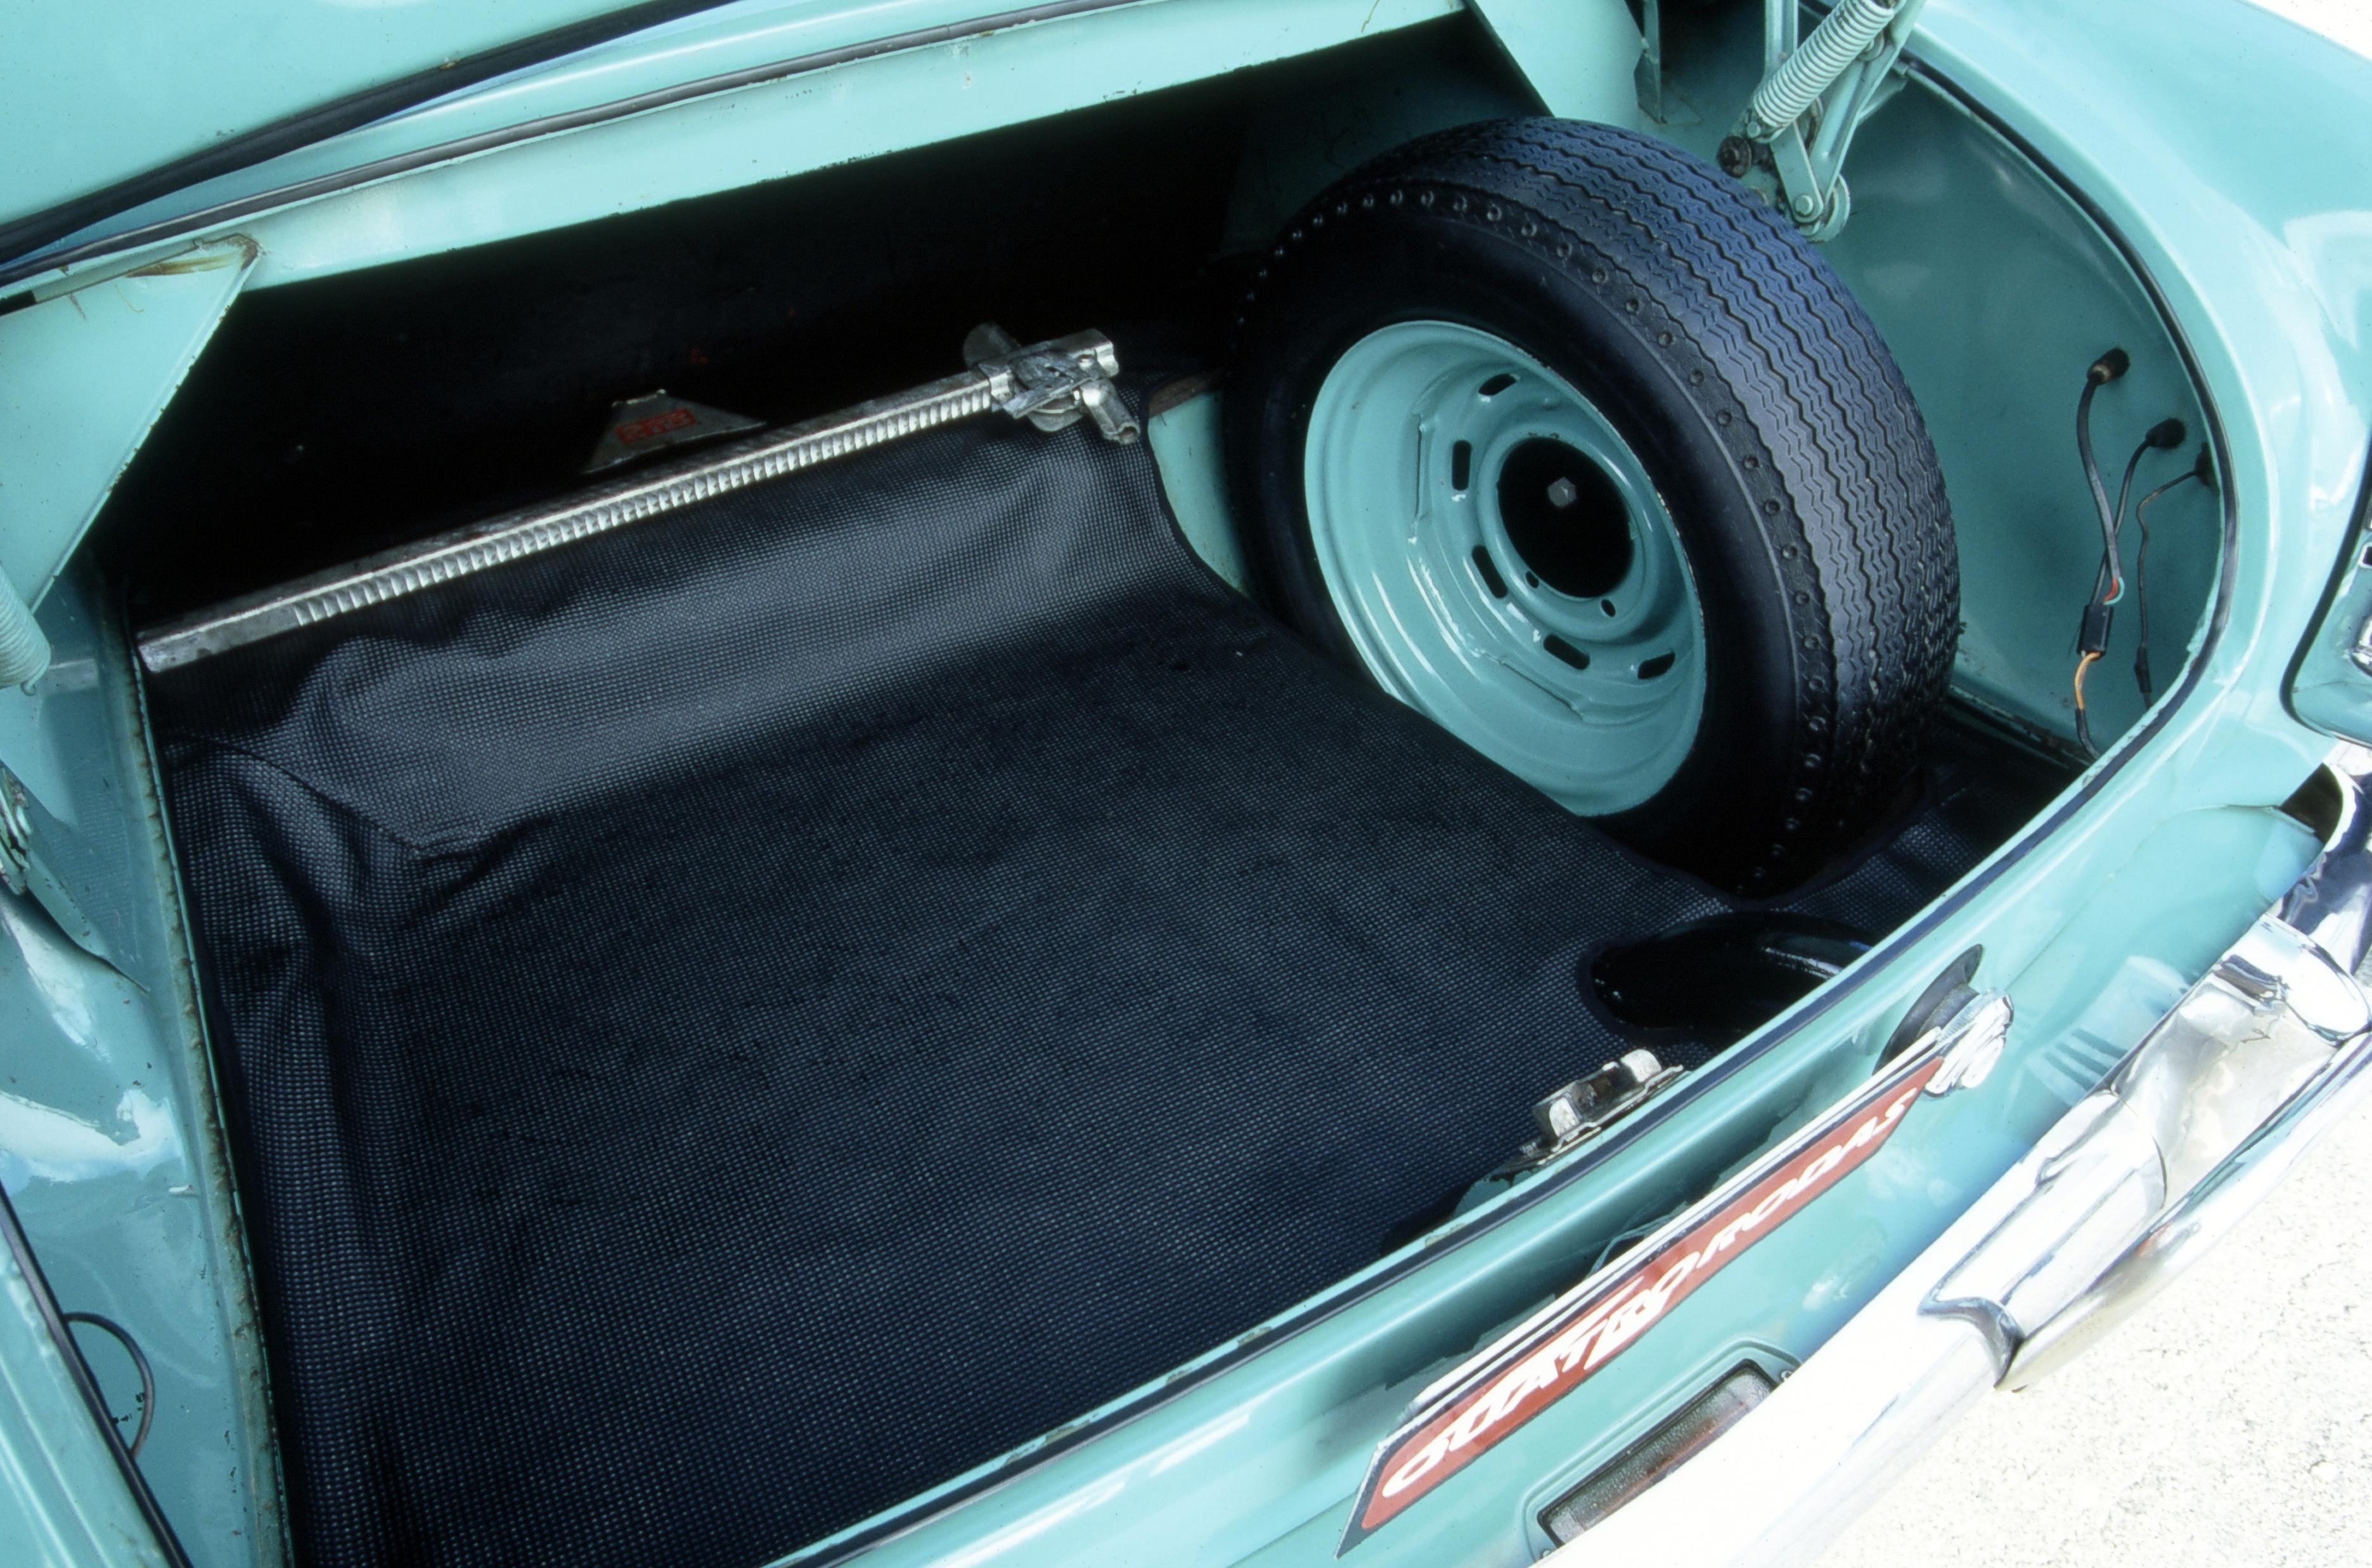 Porta-malas-do-Aero-Willys-2600-da-década-de-60-da-Willys..jpg